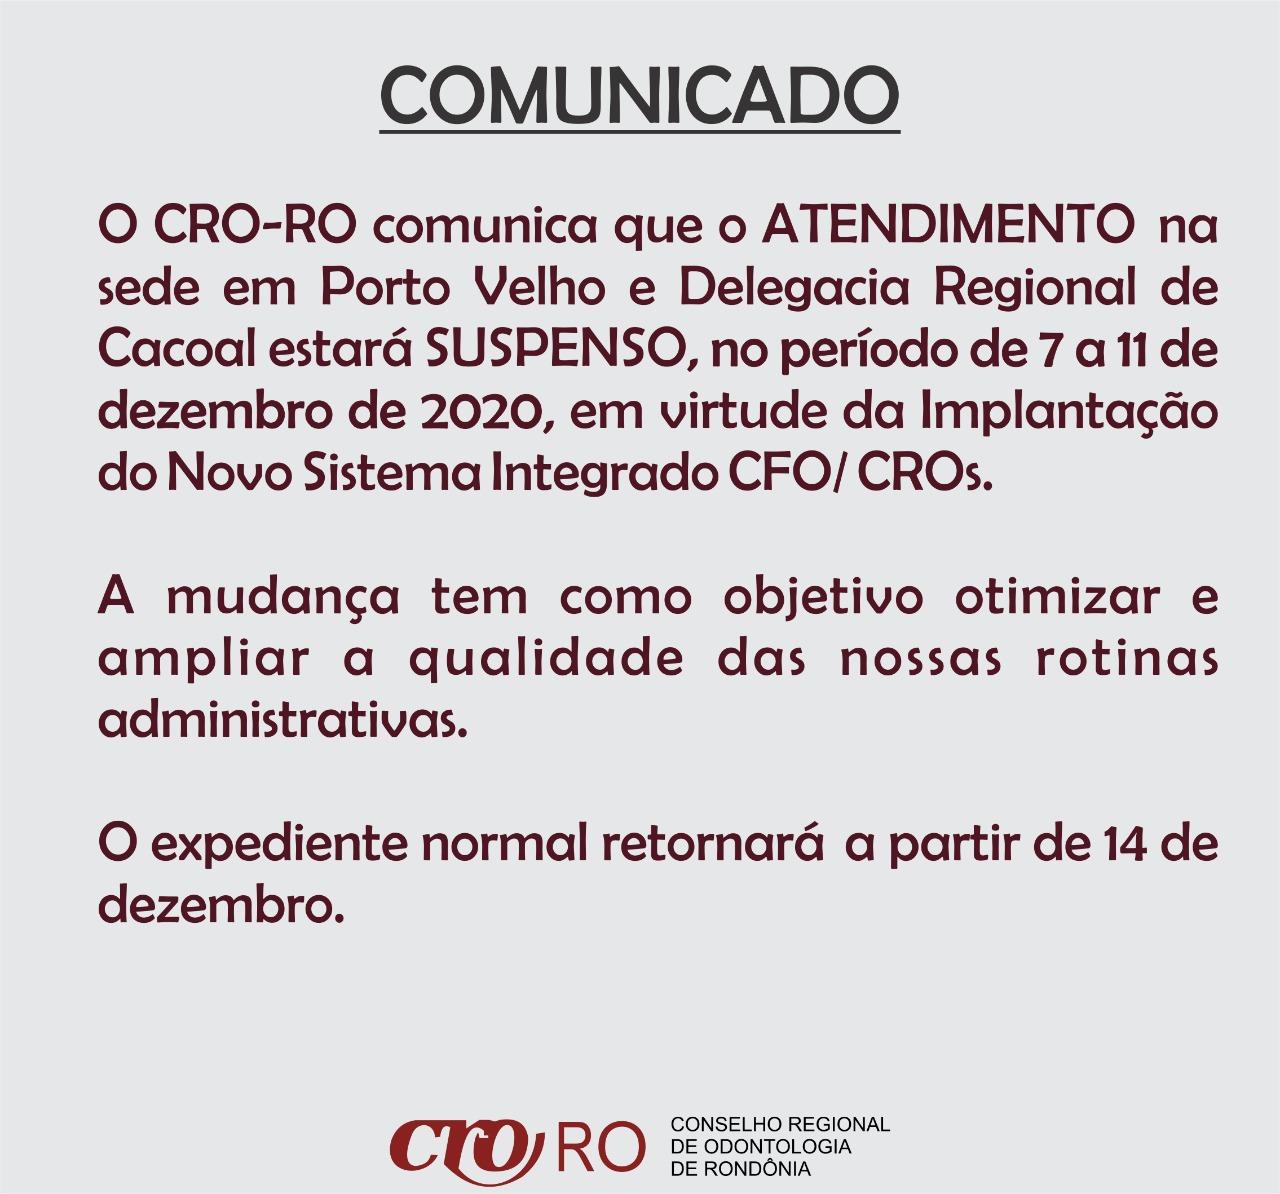 CRO entra em pausa para treinamento de novo sistema do CFO